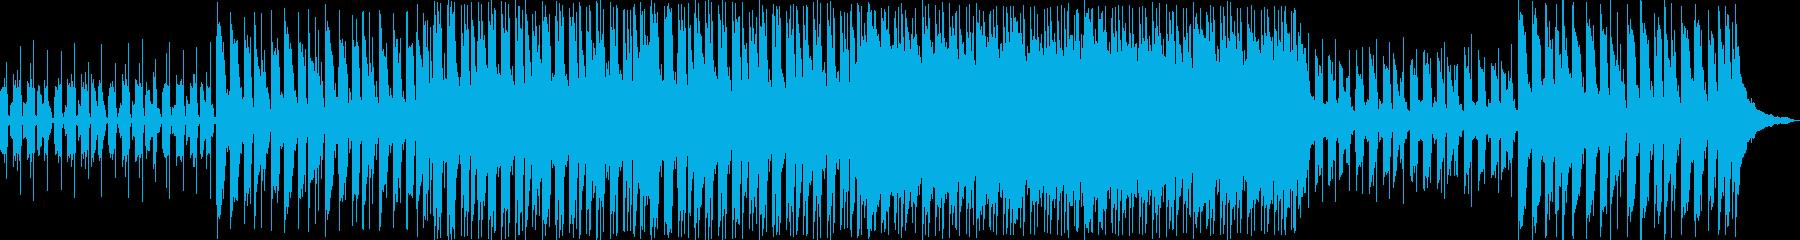 Feel the Wavesの再生済みの波形